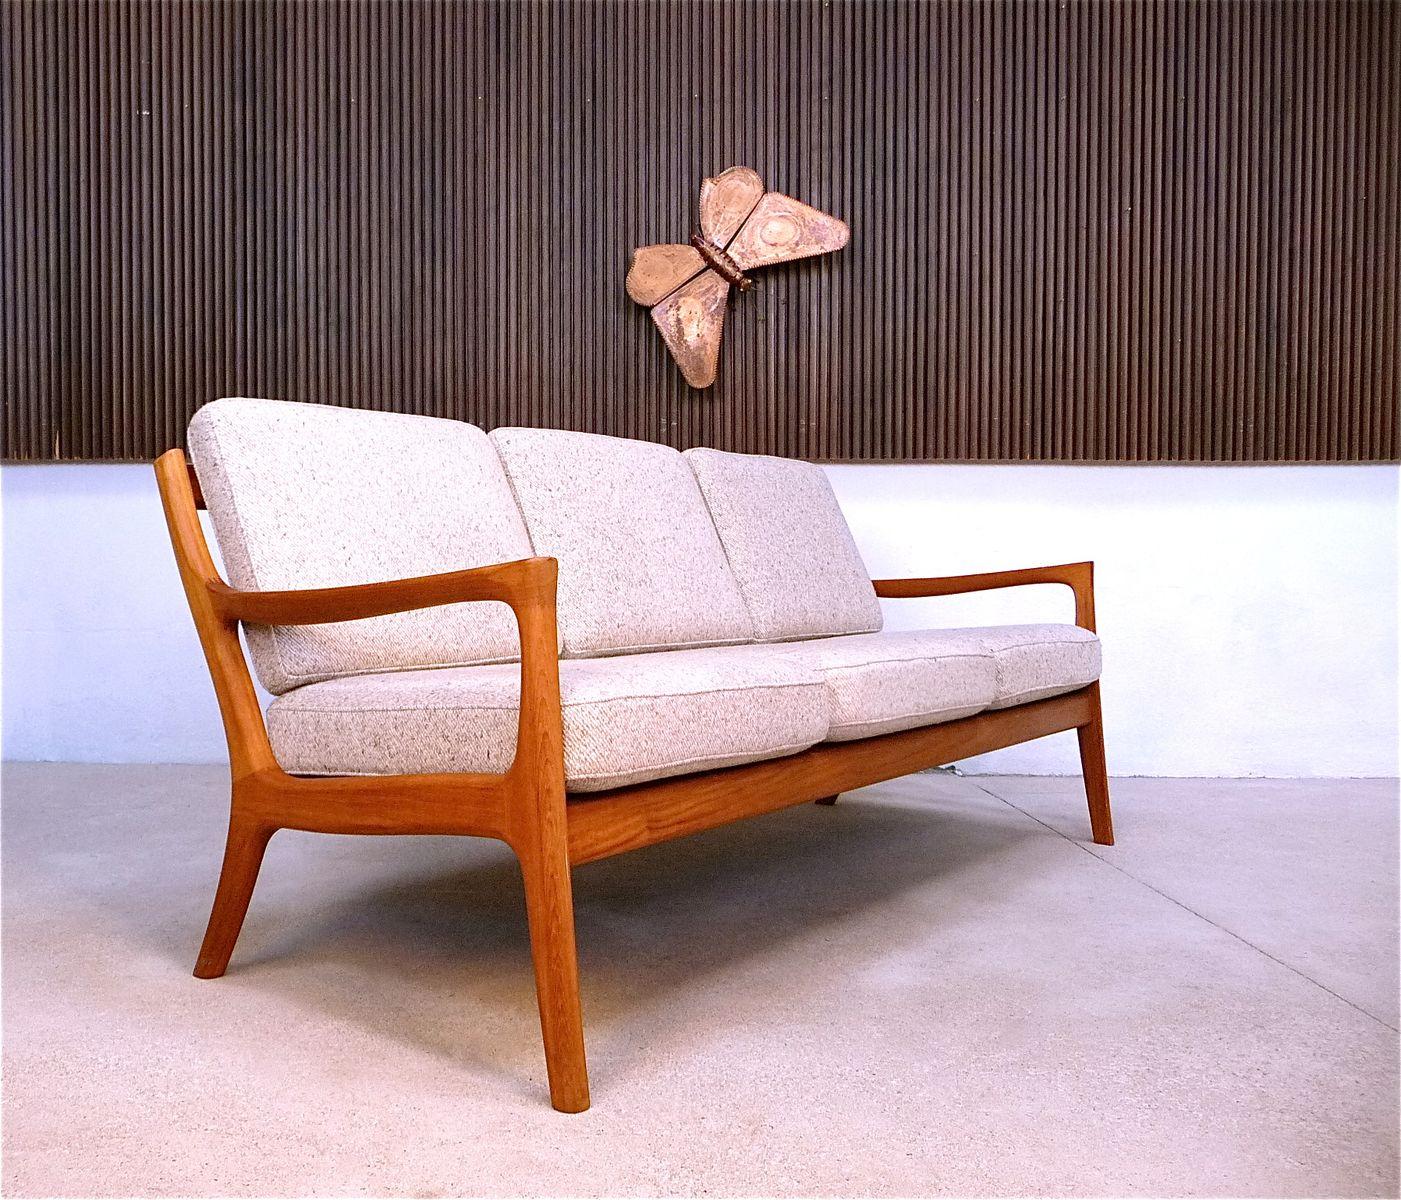 d nisches teak 3 sitzer sofa 1960er bei pamono kaufen. Black Bedroom Furniture Sets. Home Design Ideas